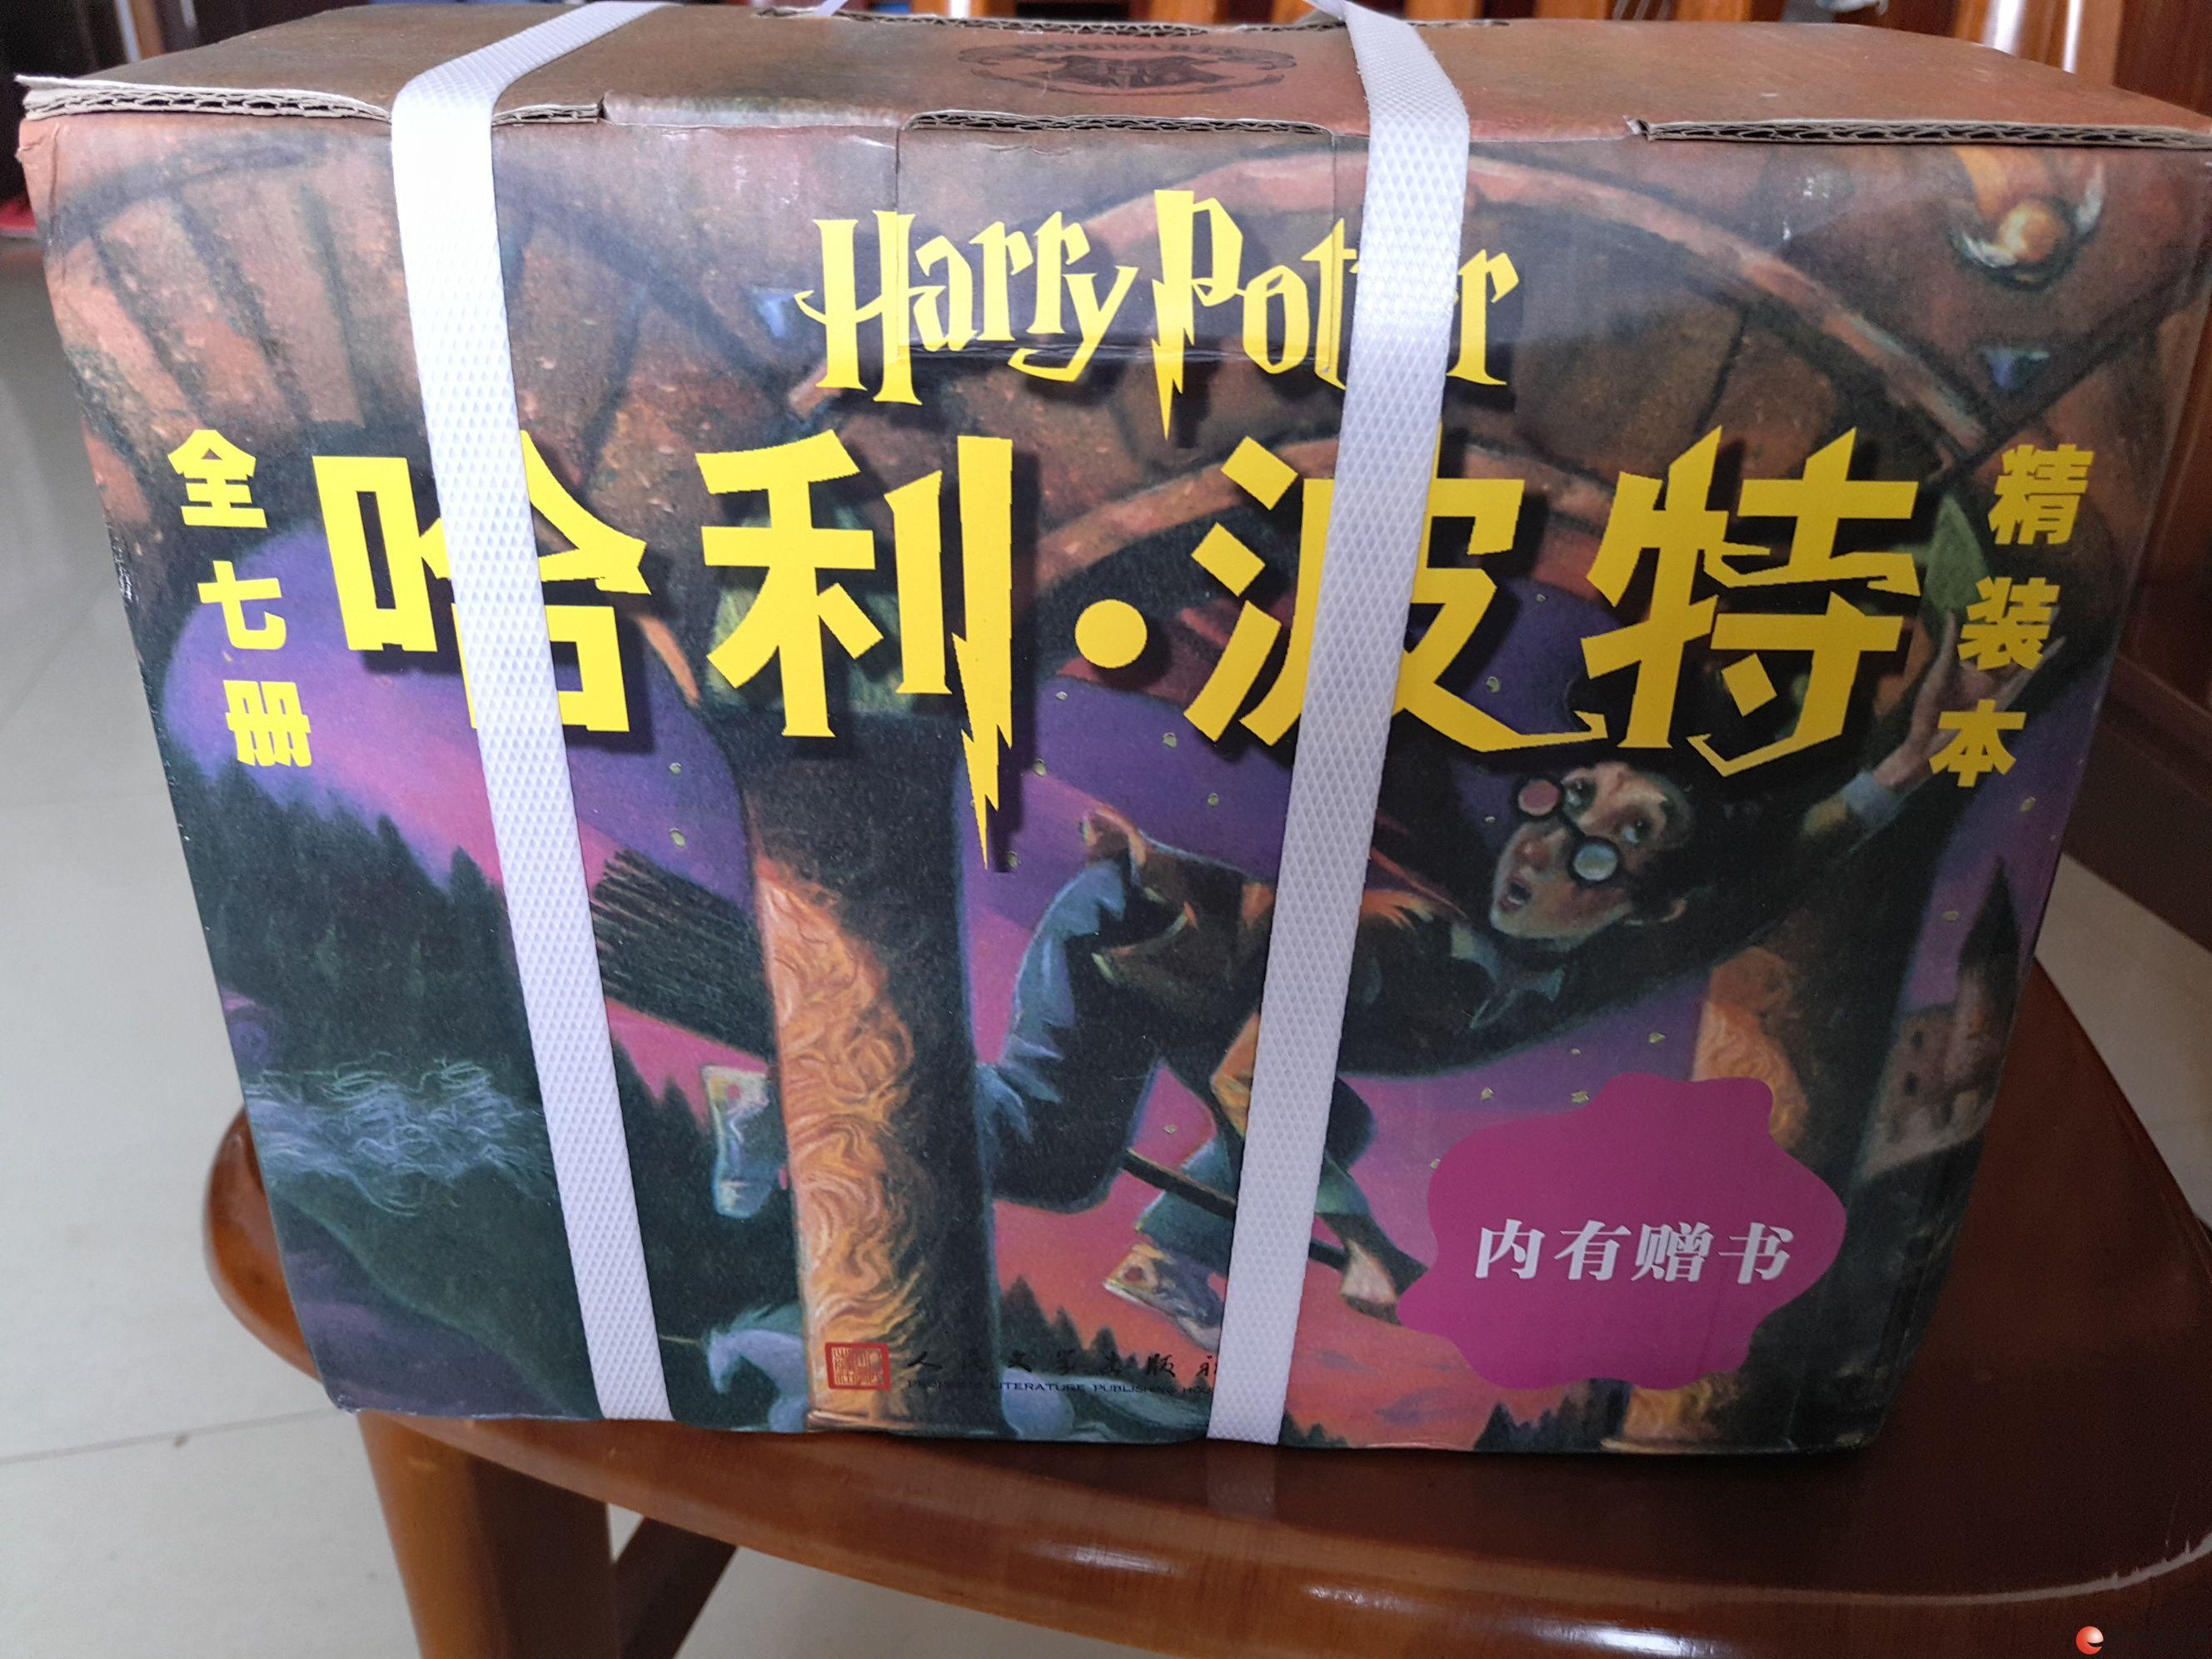 全新正版哈利波特全集 礼盒精装珍藏版(共7册)